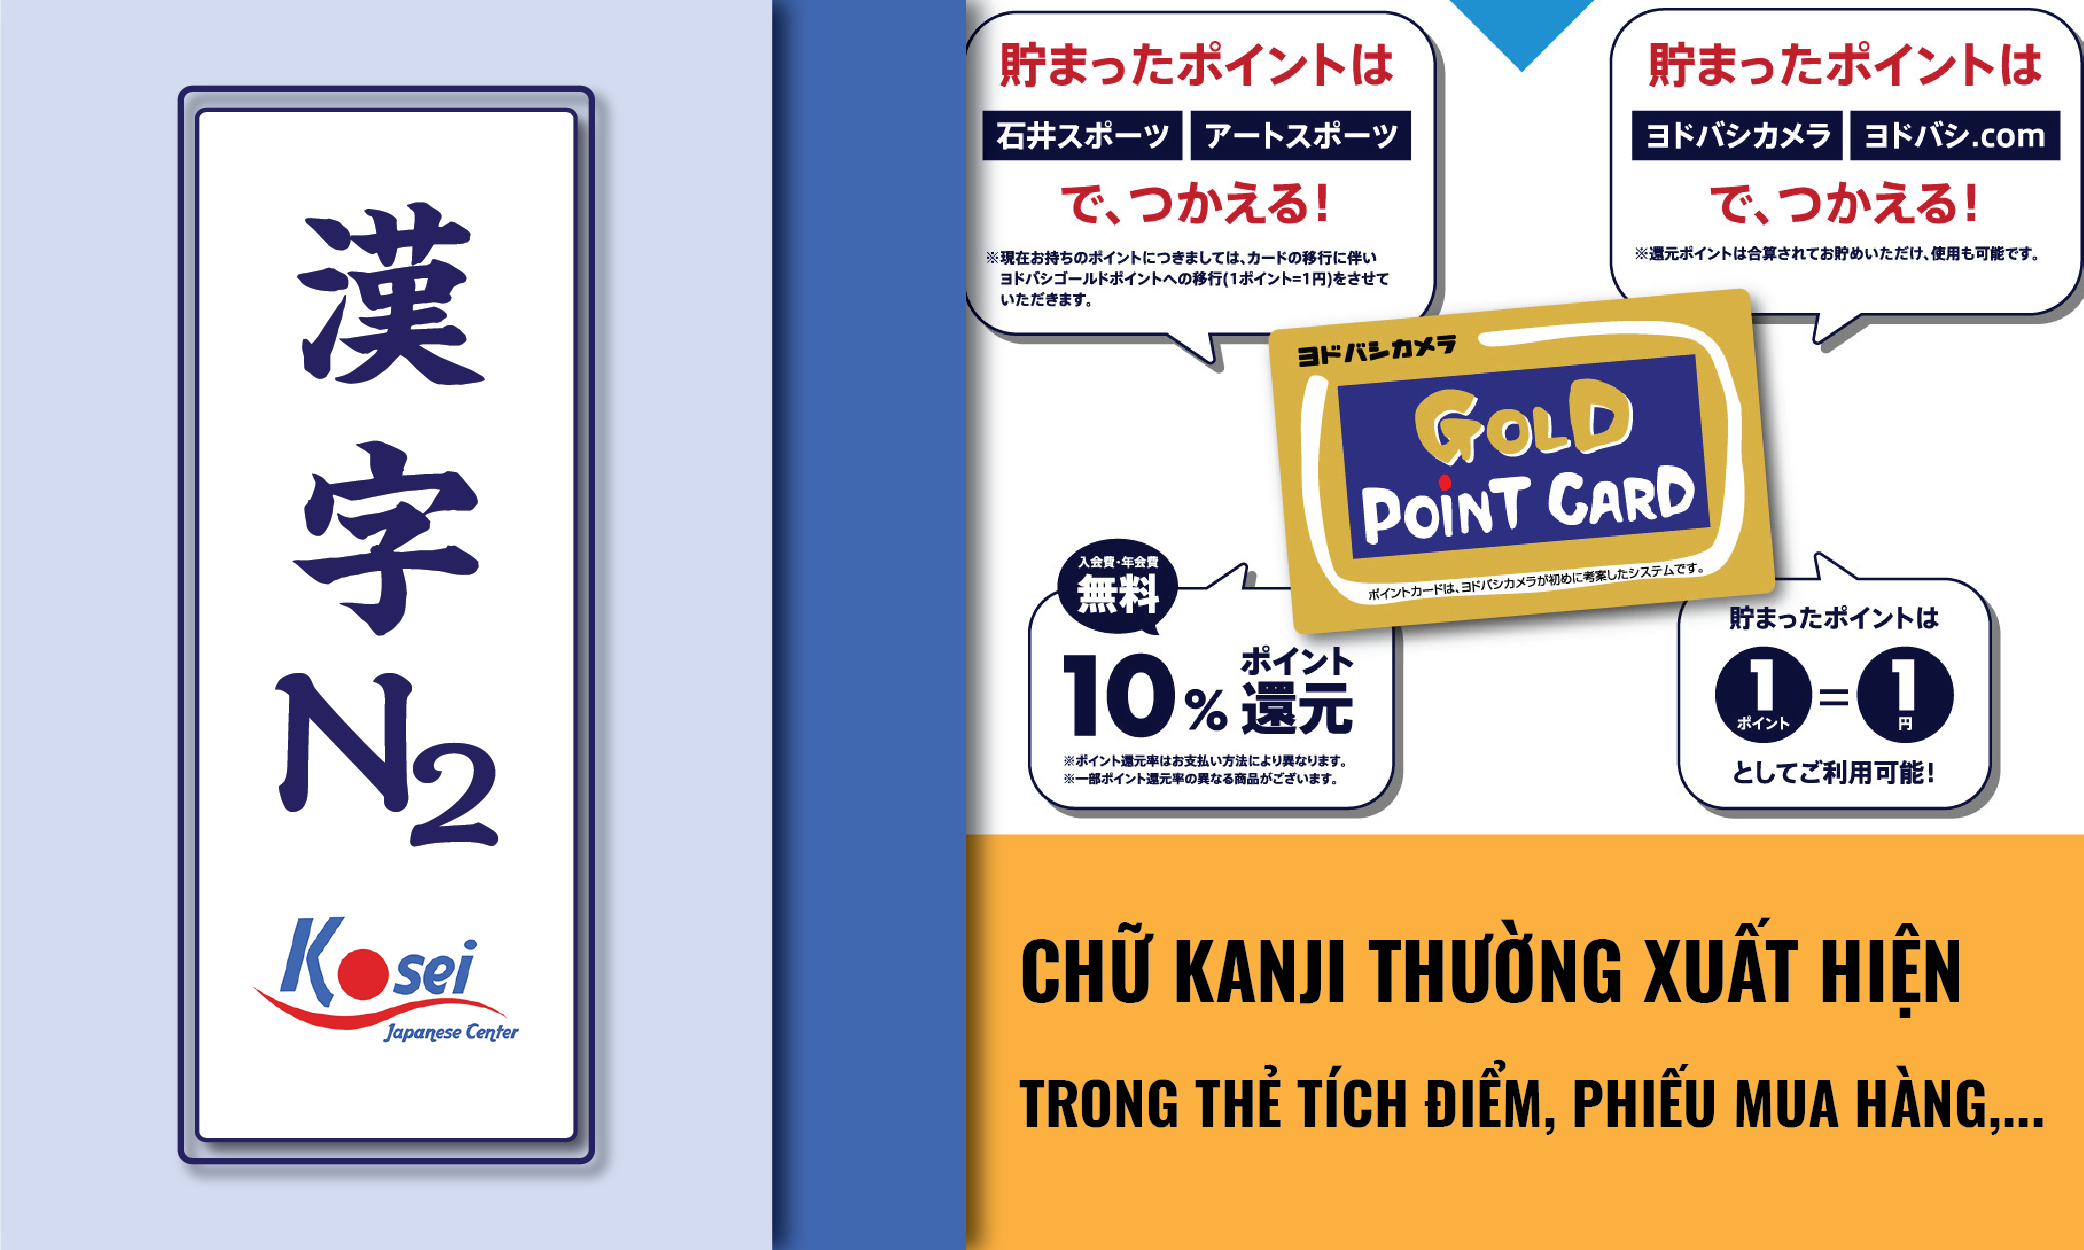 (Tổng hợp) Kanji N2: Các Kanji thường thấy trên Thẻ tích điểm, phiếu mua hàng, biên lai giặt là